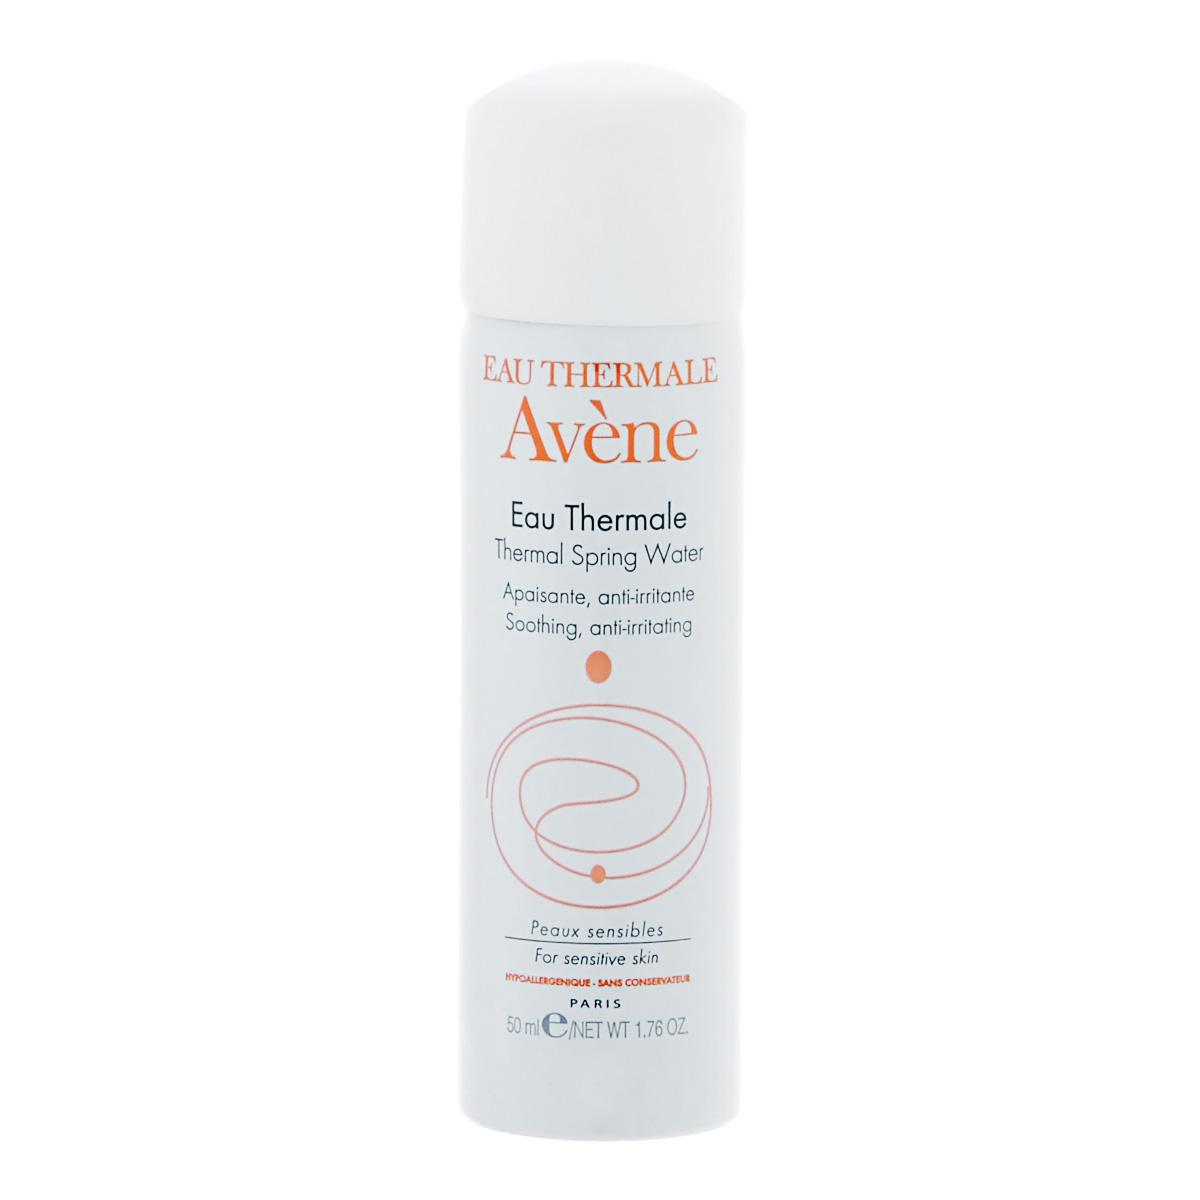 Avene Термальная вода Eau Thermale 50 млC03557Увлажняет кожу, нейтрализует свободные радикалы, успокаивает раздражение кожи, оказывает ранозаживляющее и противовоспалительное действие. Для ухода за кожей при дерматологических заболеваниях и после косметических процедур. Протестировано на чувствительной коже.